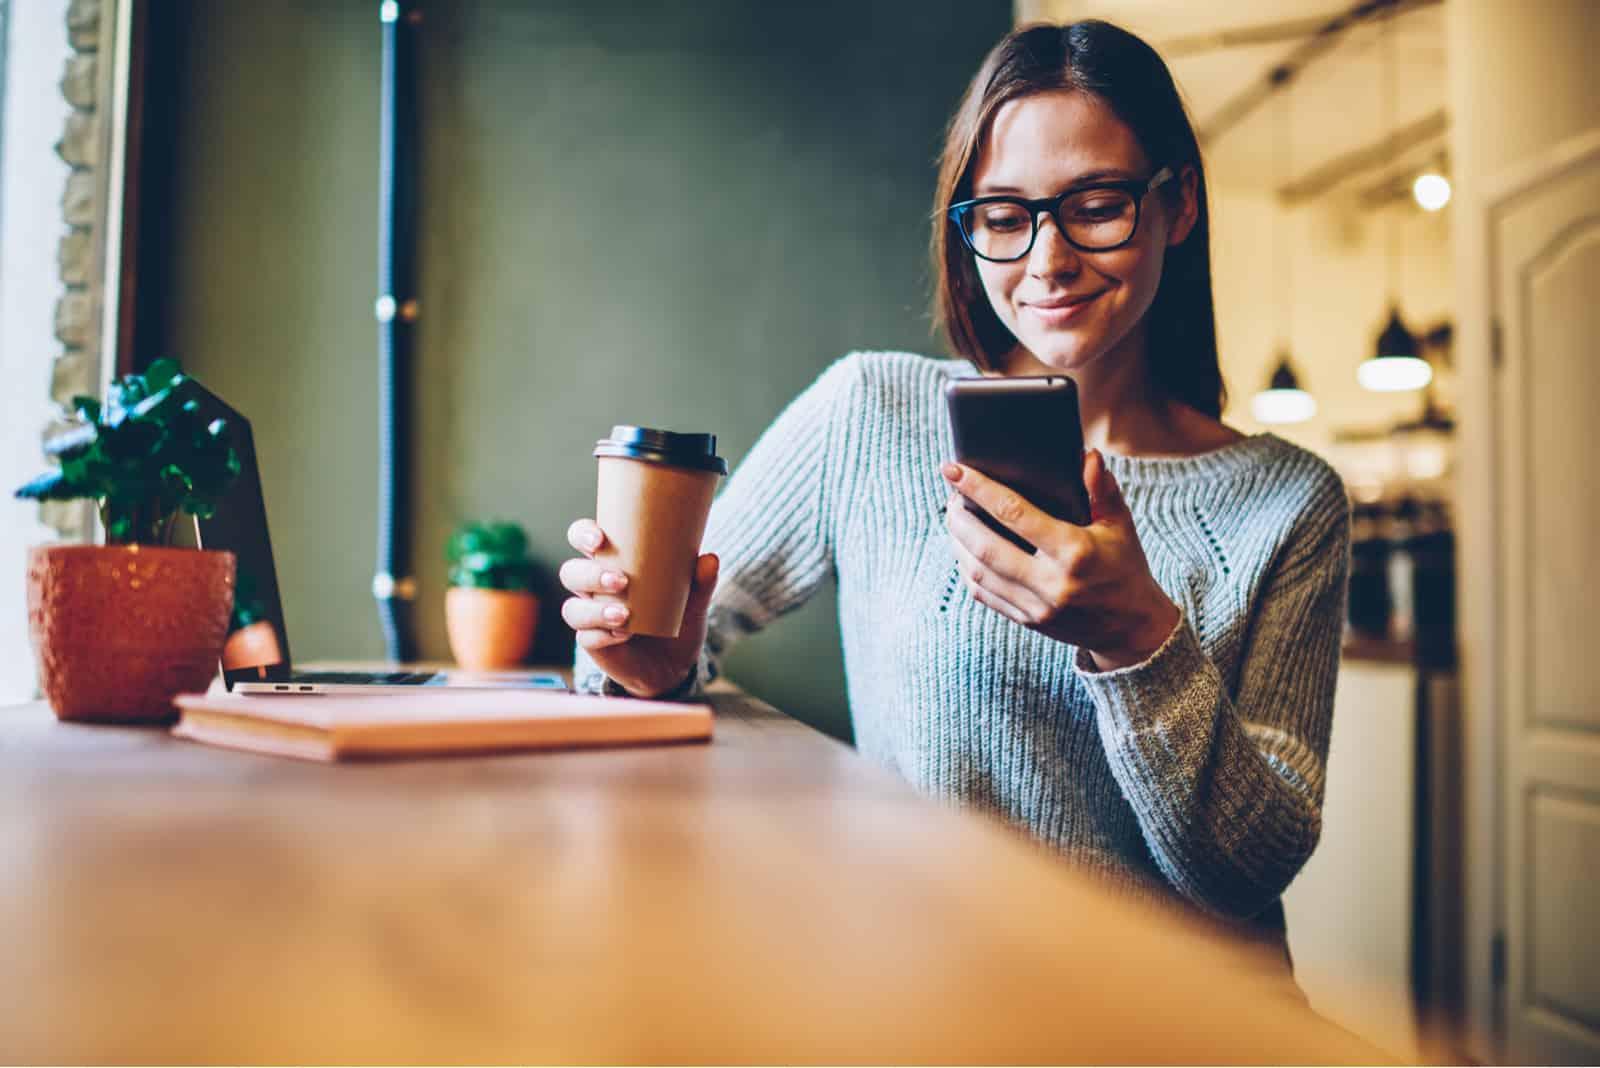 Une femme assise à une table dans une main tenant un téléphone dans l'autre café